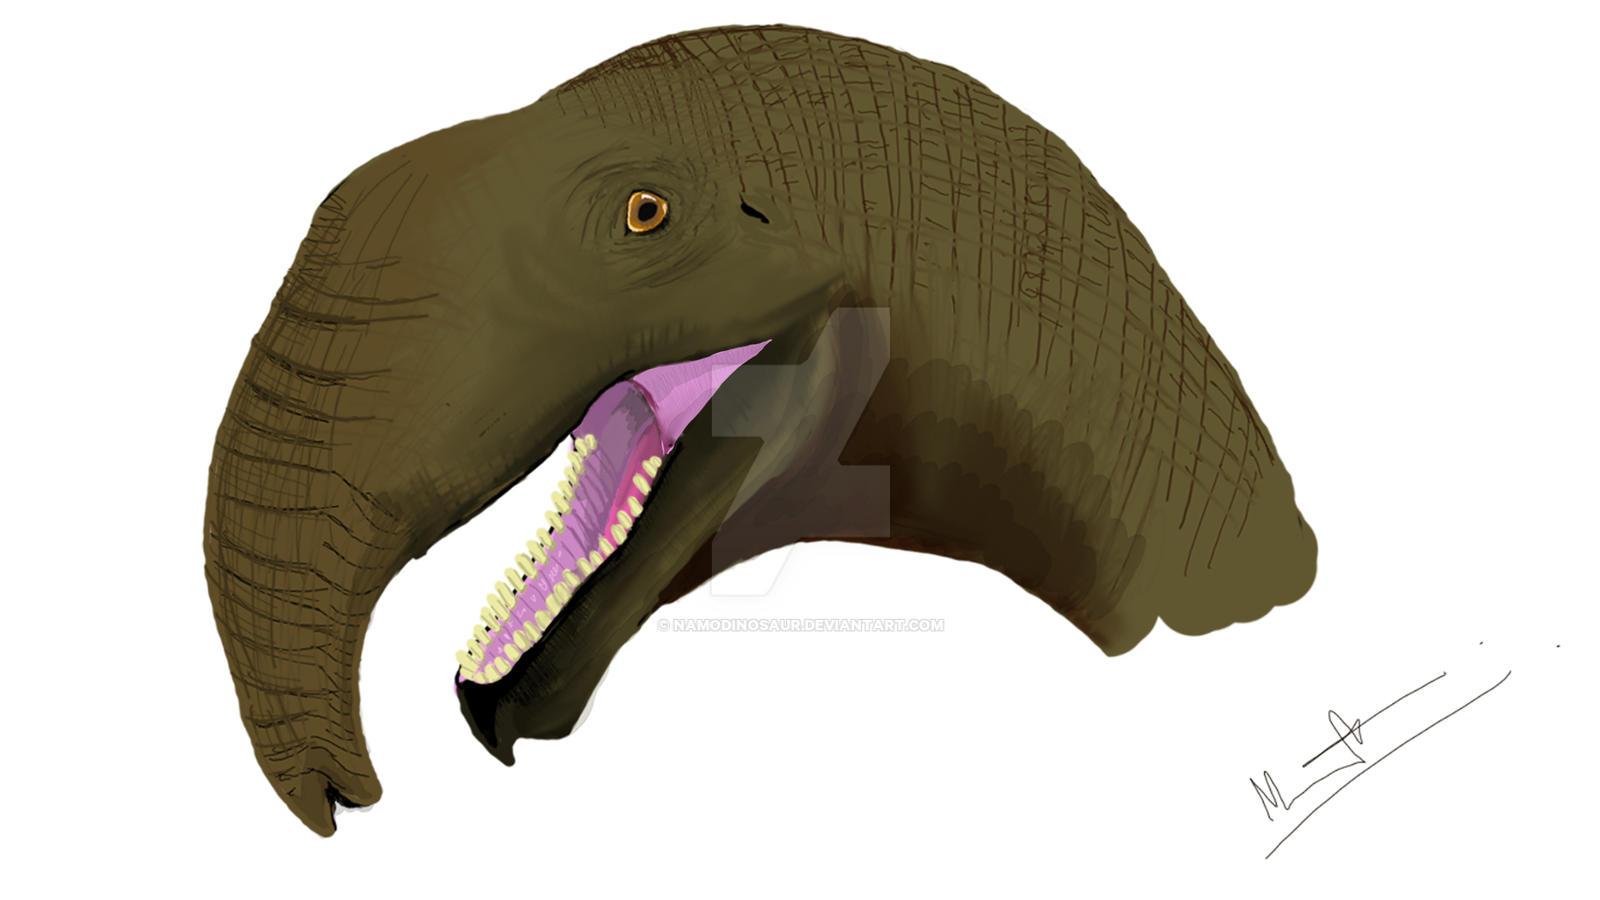 brachiosaurus_trunk_theory_by_namodinosaur_d7e8xuy-fullview.jpg?token=eyJ0eXAiOiJKV1QiLCJhbGciOiJIUzI1NiJ9.eyJzdWIiOiJ1cm46YXBwOiIsImlzcyI6InVybjphcHA6Iiwib2JqIjpbW3sicGF0aCI6IlwvZlwvOGU1MDcyNTEtYzRlNy00YjAyLTkyNDgtMWZiZGVhYjlmM2ZkXC9kN2U4eHV5LTVkYWU5YzIzLTUzMWUtNGM5Yy04YzFiLWNlYjIwM2U3NDAwMi5qcGciLCJoZWlnaHQiOiI8PTkwMCIsIndpZHRoIjoiPD0xNjAwIn1dXSwiYXVkIjpbInVybjpzZXJ2aWNlOmltYWdlLndhdGVybWFyayJdLCJ3bWsiOnsicGF0aCI6Ilwvd21cLzhlNTA3MjUxLWM0ZTctNGIwMi05MjQ4LTFmYmRlYWI5ZjNmZFwvbmFtb2Rpbm9zYXVyLTQucG5nIiwib3BhY2l0eSI6OTUsInByb3BvcnRpb25zIjowLjQ1LCJncmF2aXR5IjoiY2VudGVyIn19.K-lsEDzSMInBezpP19-hvnJ4ovE9CDkjesZ-edgGU8M